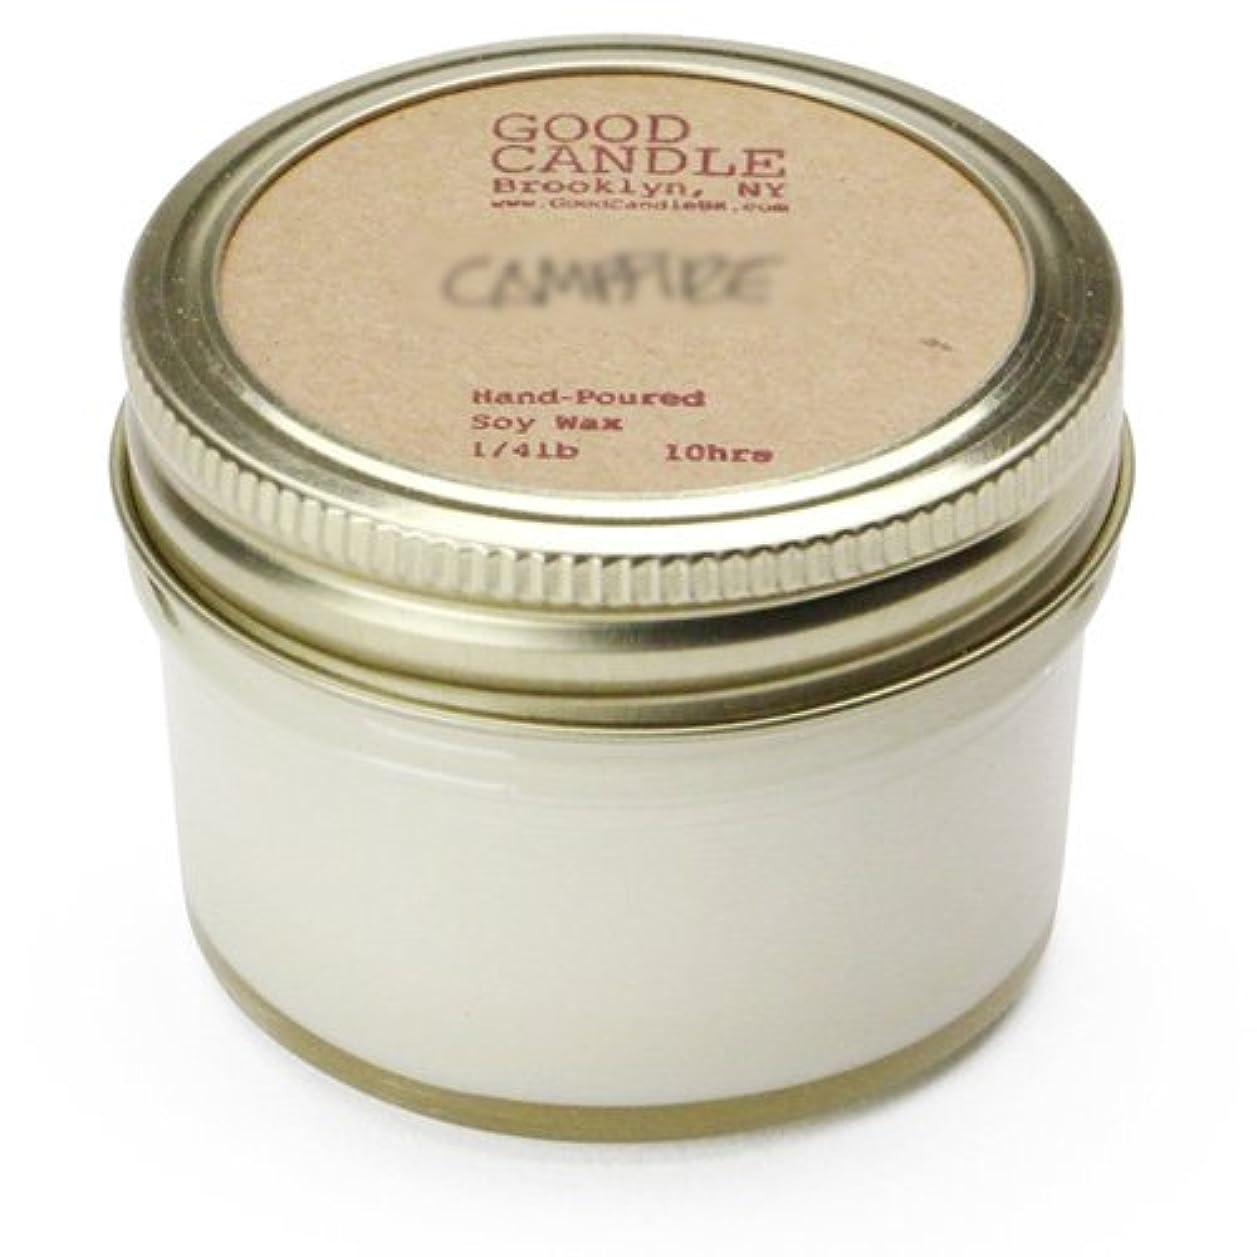 グッドキャンドル 1/4ポンド ゼリージャー キャンドル Good Candle 1/4LB Jelly jar candle [ Rose ] 正規品